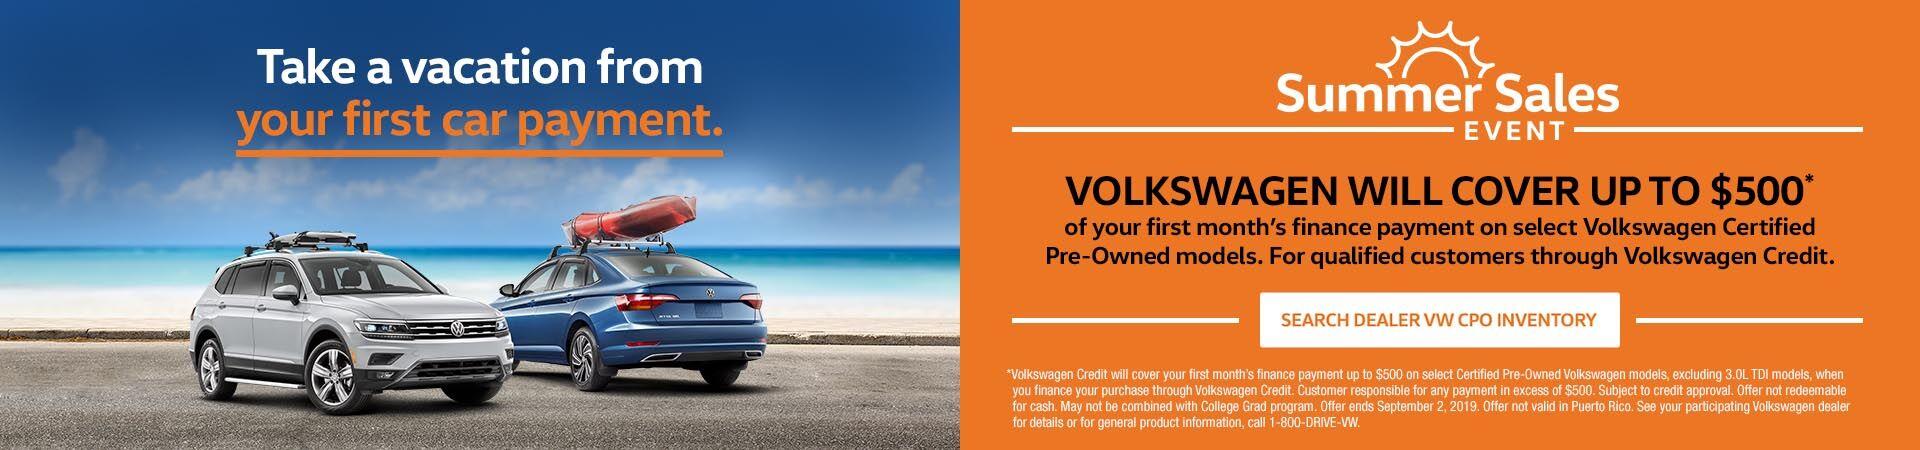 Phoenix AZ VW Dealer | Earnhardt Volkswagen | Serving